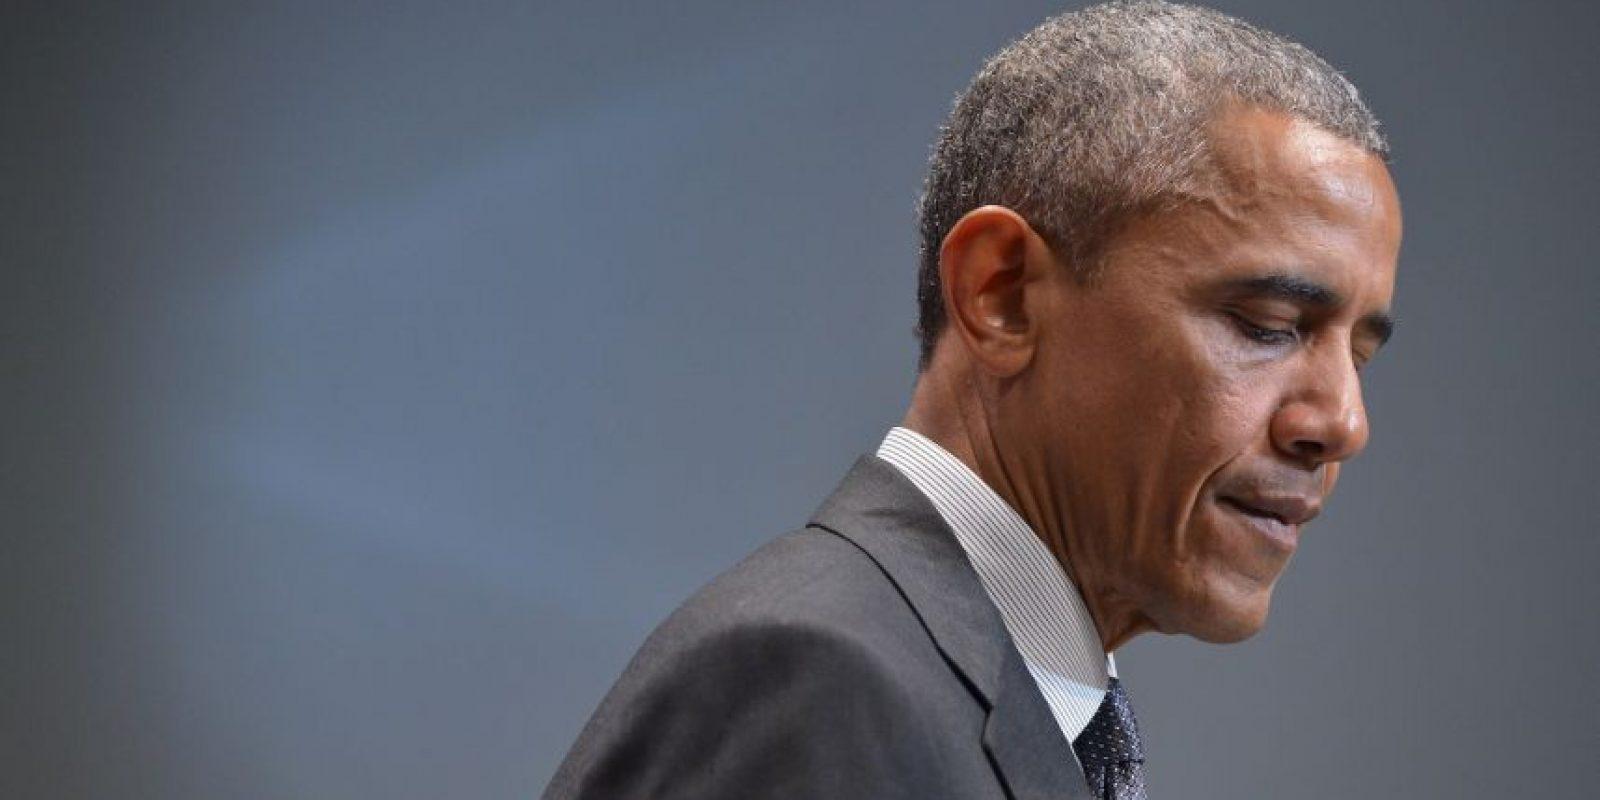 El mandatario declaró que el presidente ruso Vladimir Putin debe decidir si quiere arruinar la economía de su país. Foto:AFP